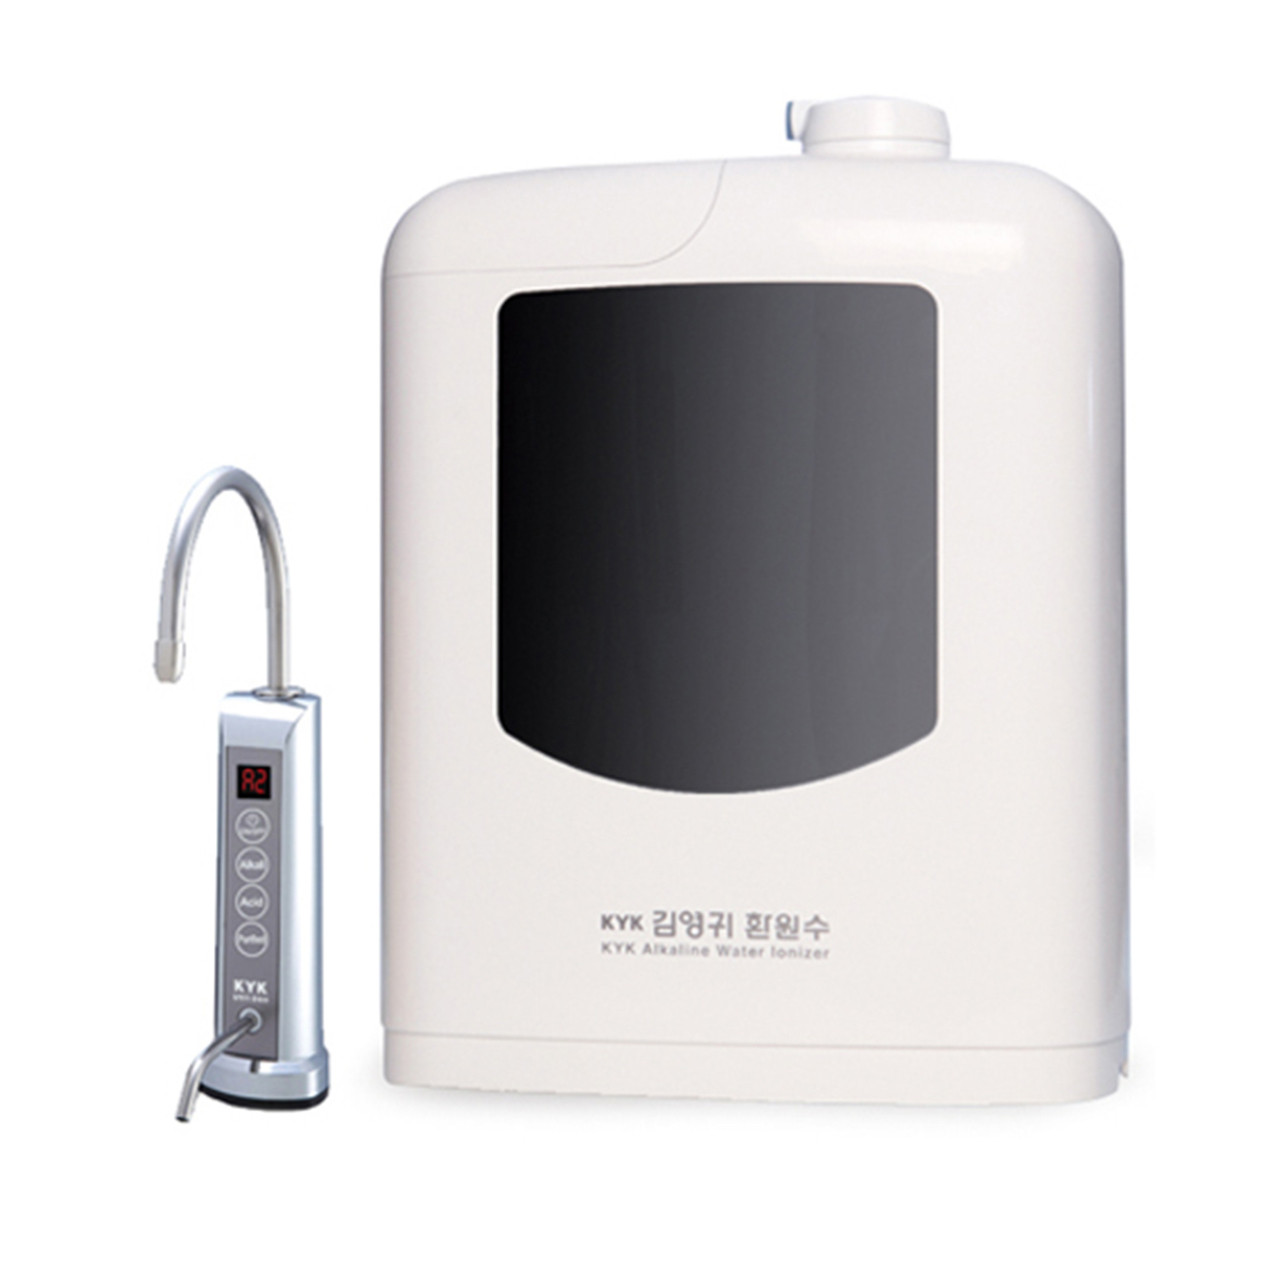 Kyk 66000 Under Sink Alkaline Water Ionizer Machine